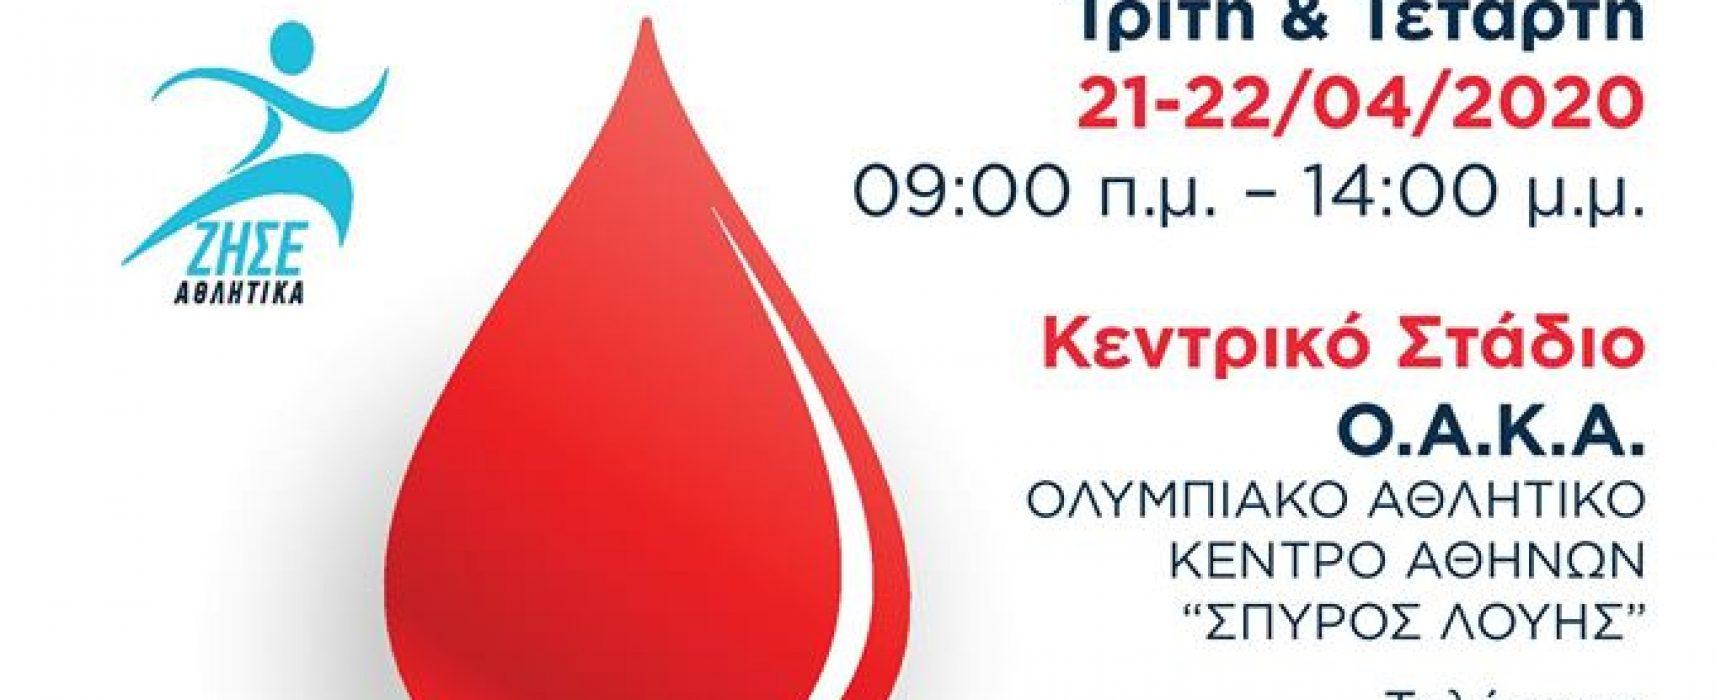 Αιμοδοσία στο OAKA Τρίτη 21 και Τετάρτη 22 Απριλίου